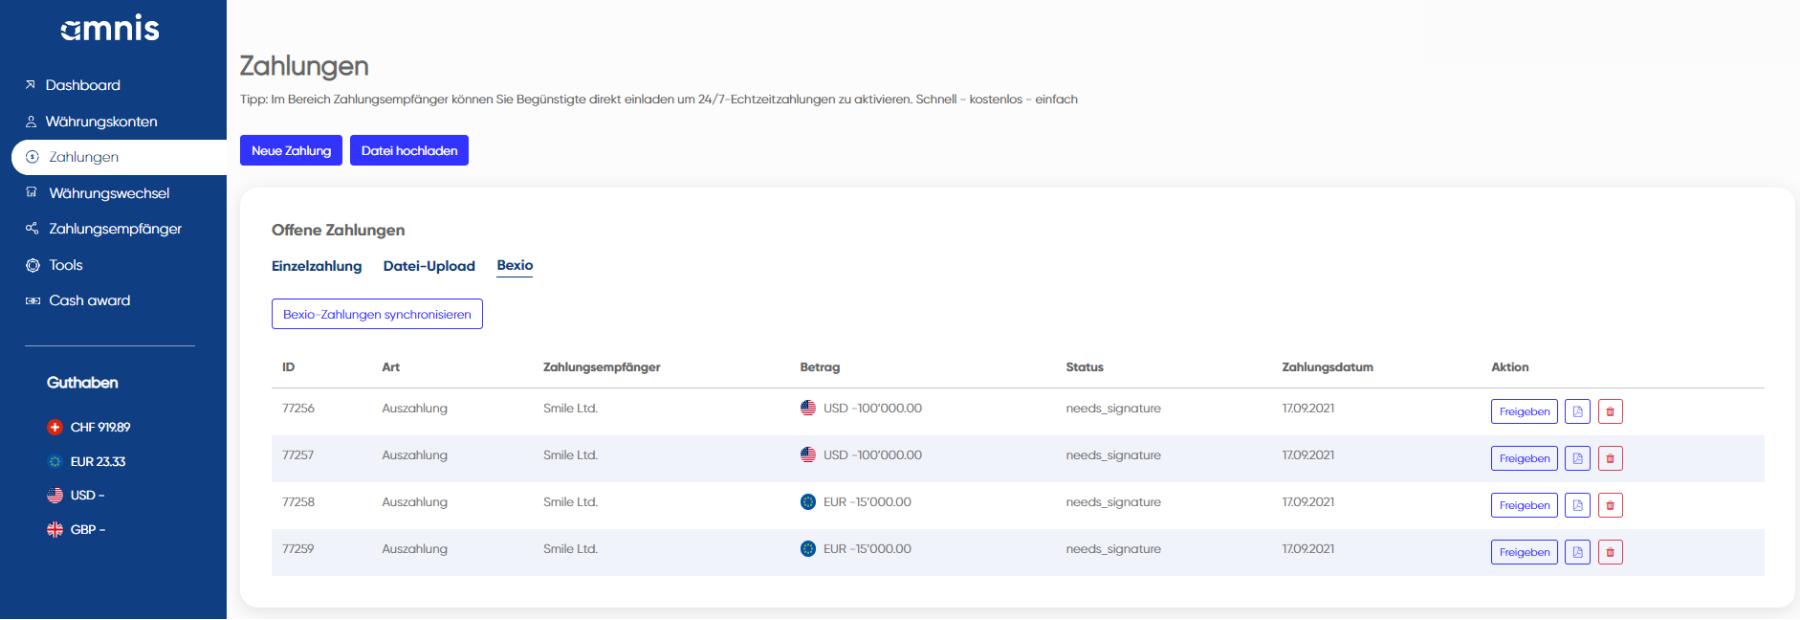 Screenshot Amnis: bexio Zahlungen importieren